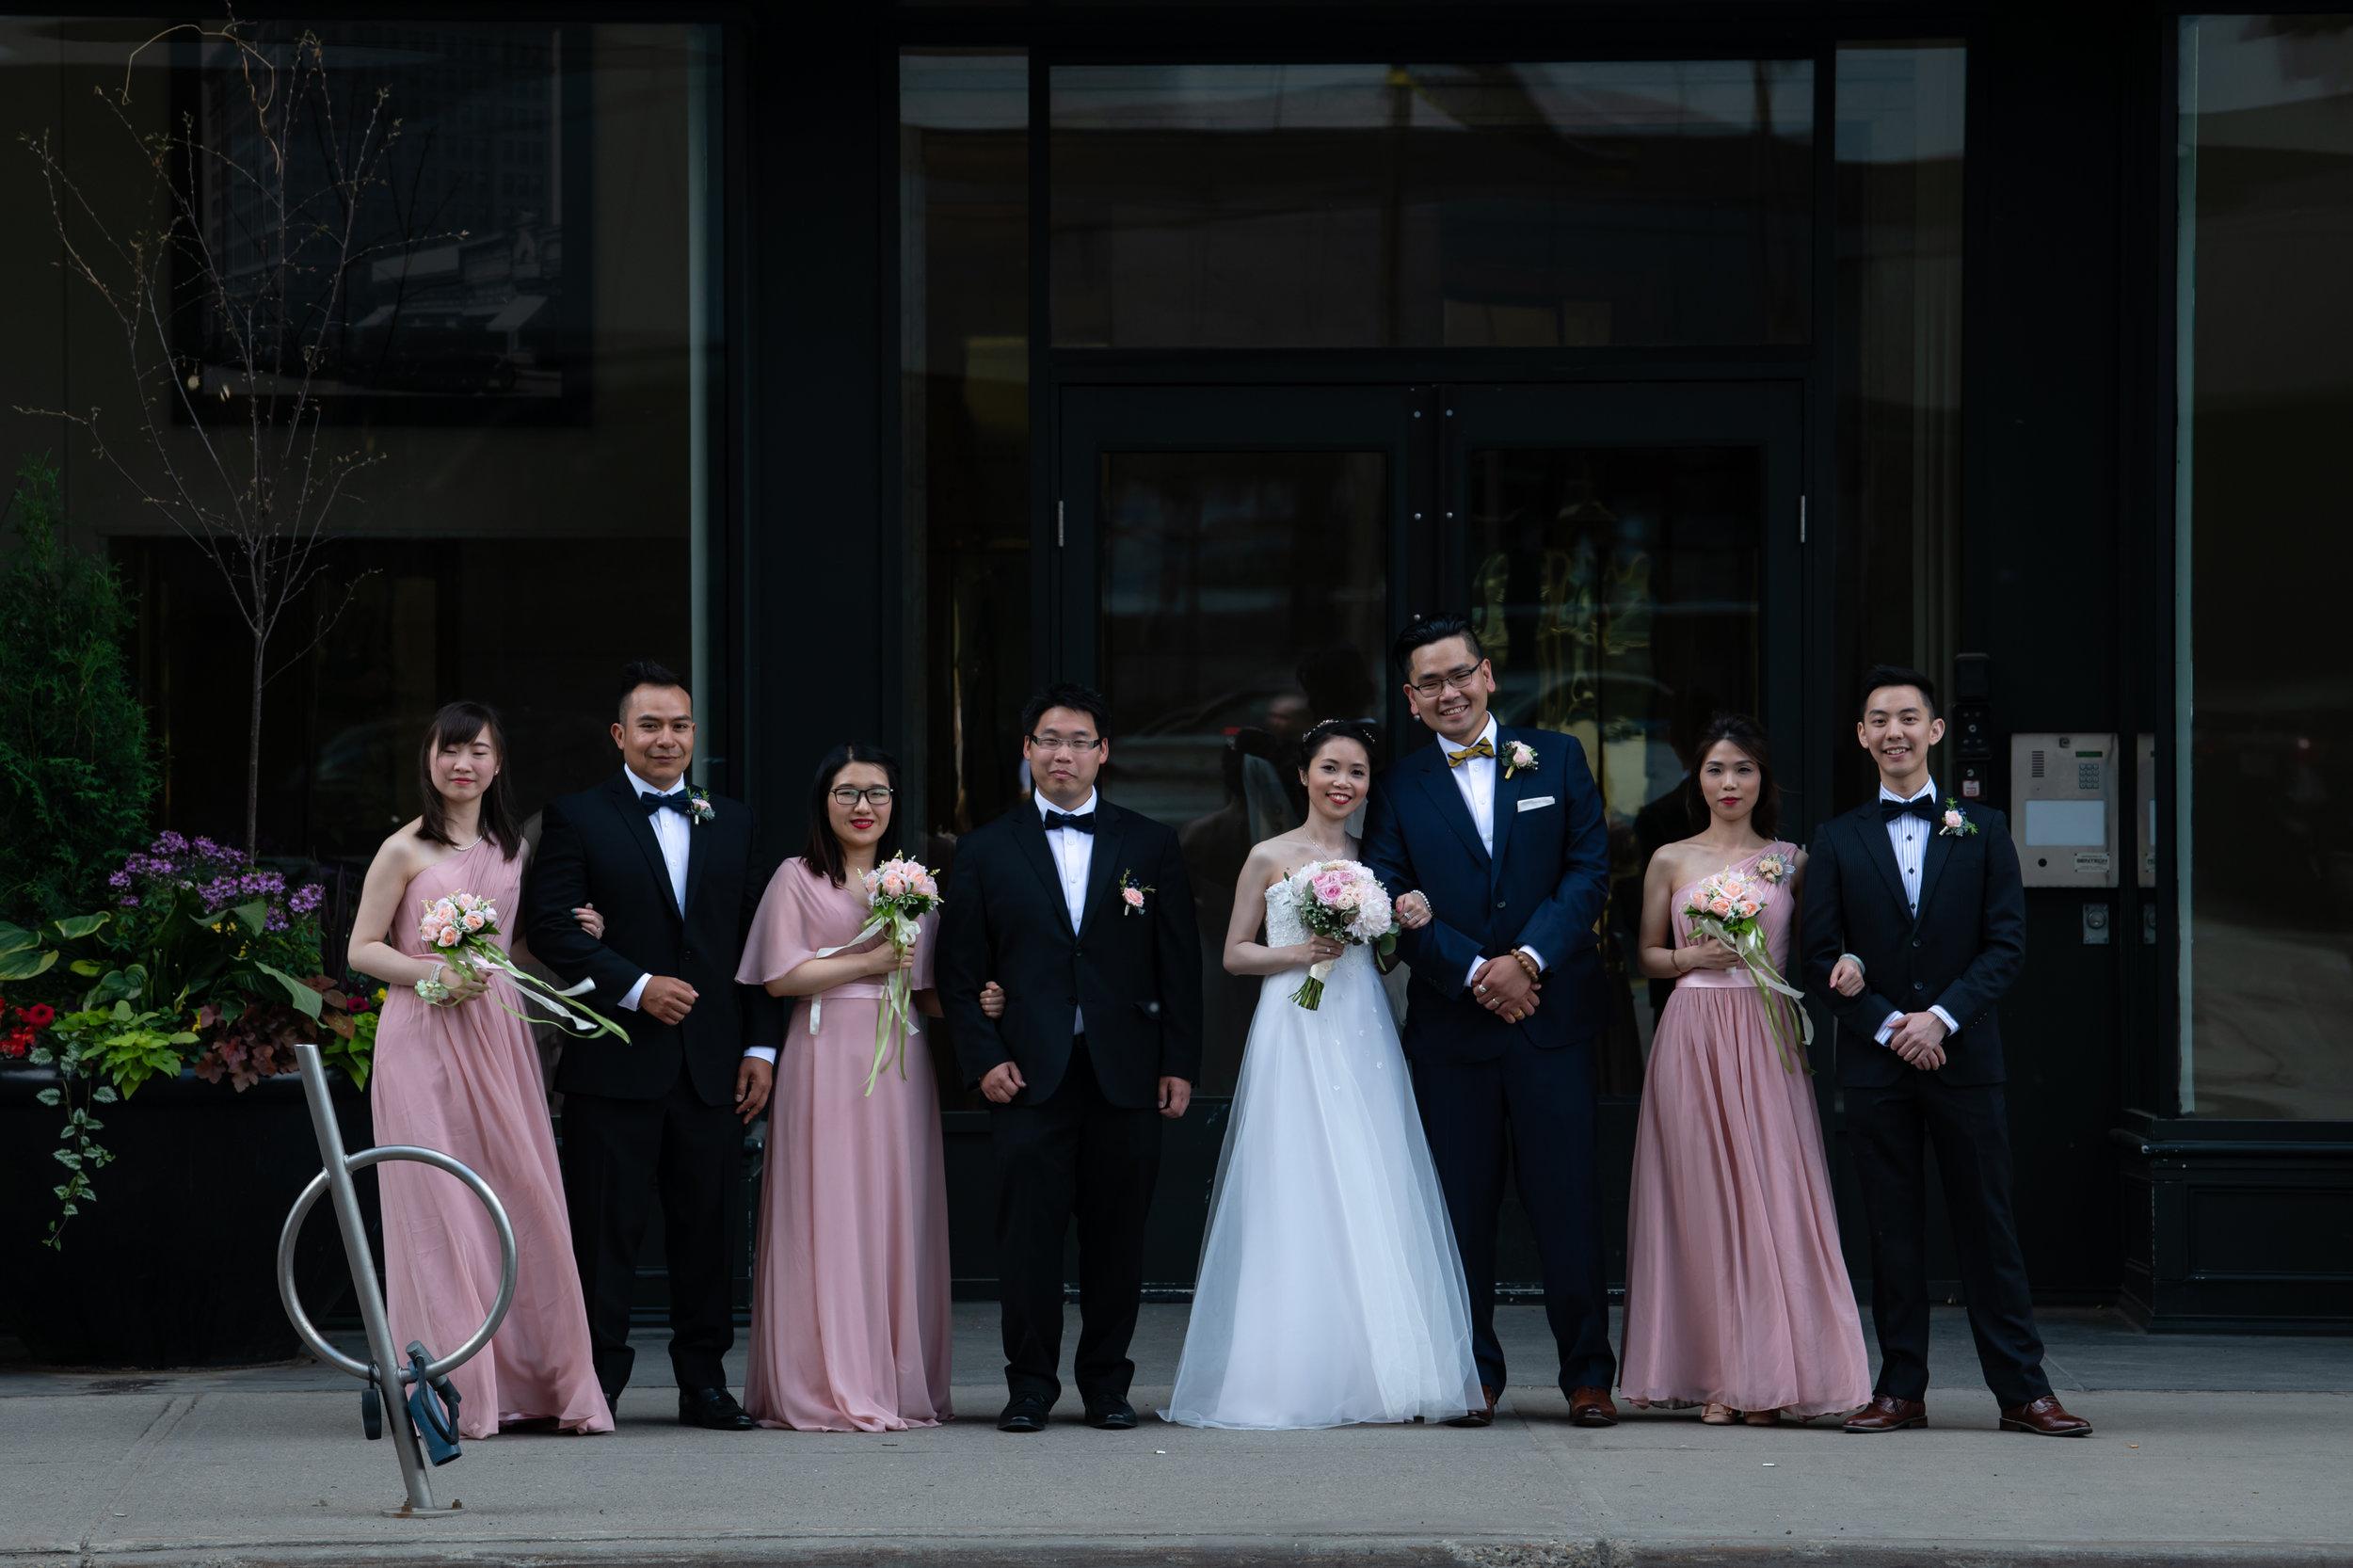 Selina_Chris_Wedding_Sneak_Peek_052.jpg